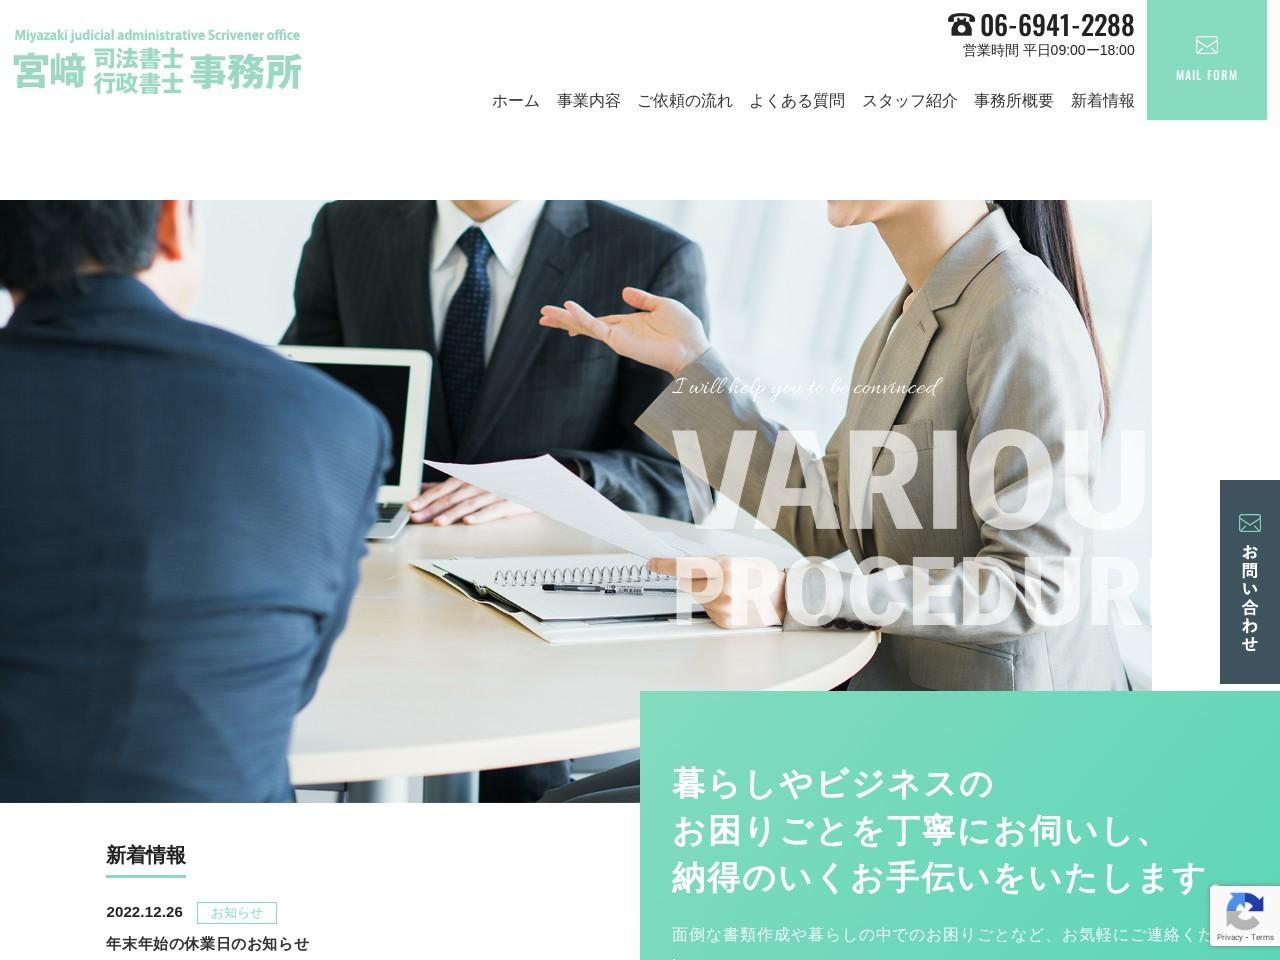 宮﨑司法・行政書士事務所